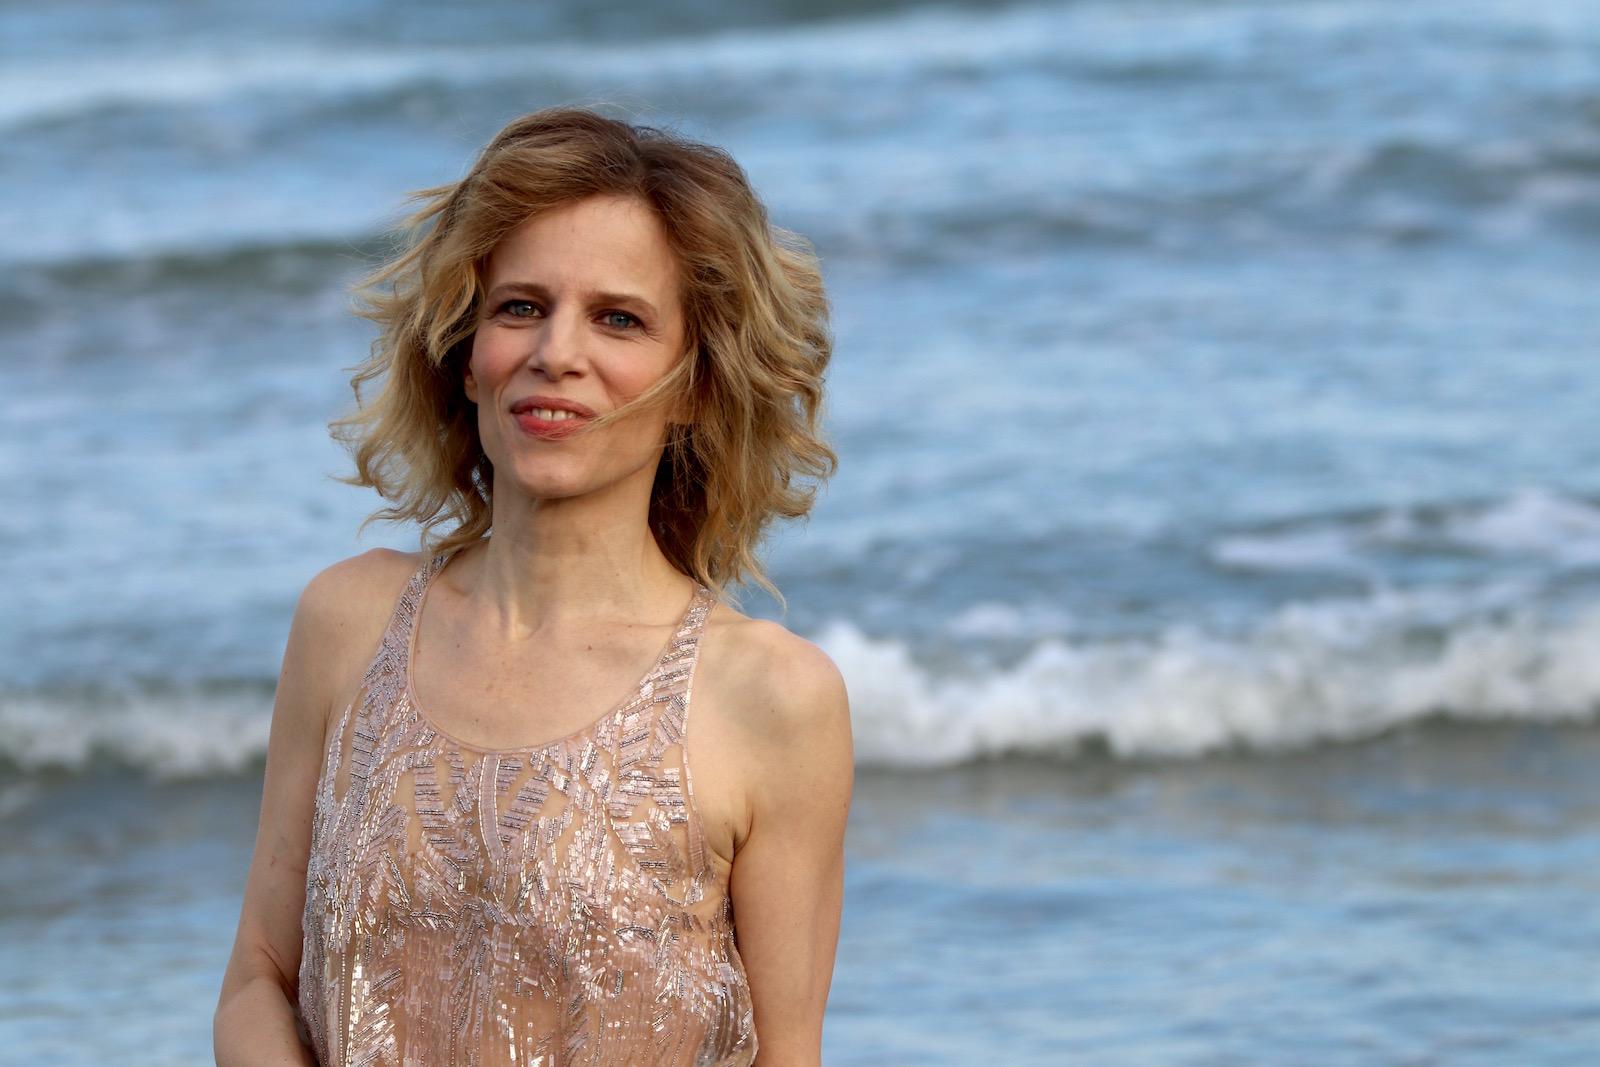 Venezia 2016: la madrina Sonia Bergamasco in riva al mare